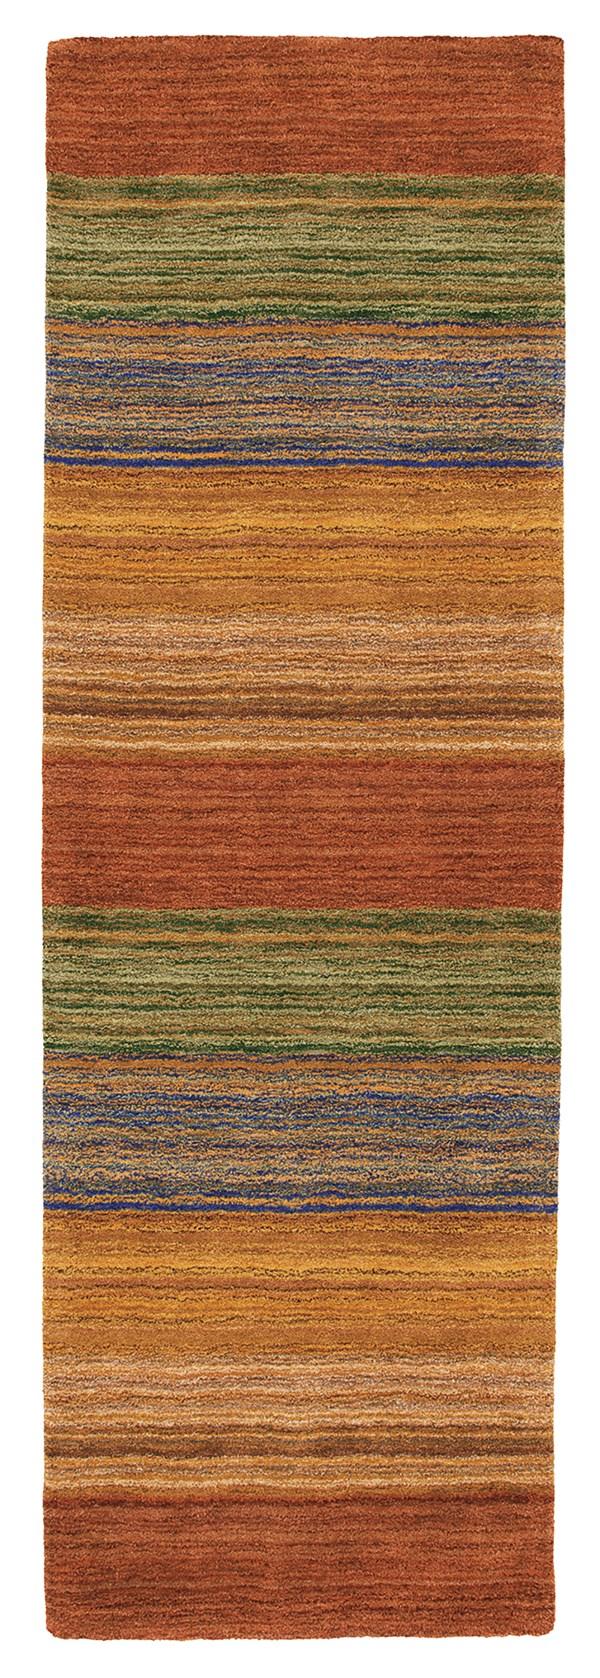 Rust (18695) Striped Area Rug